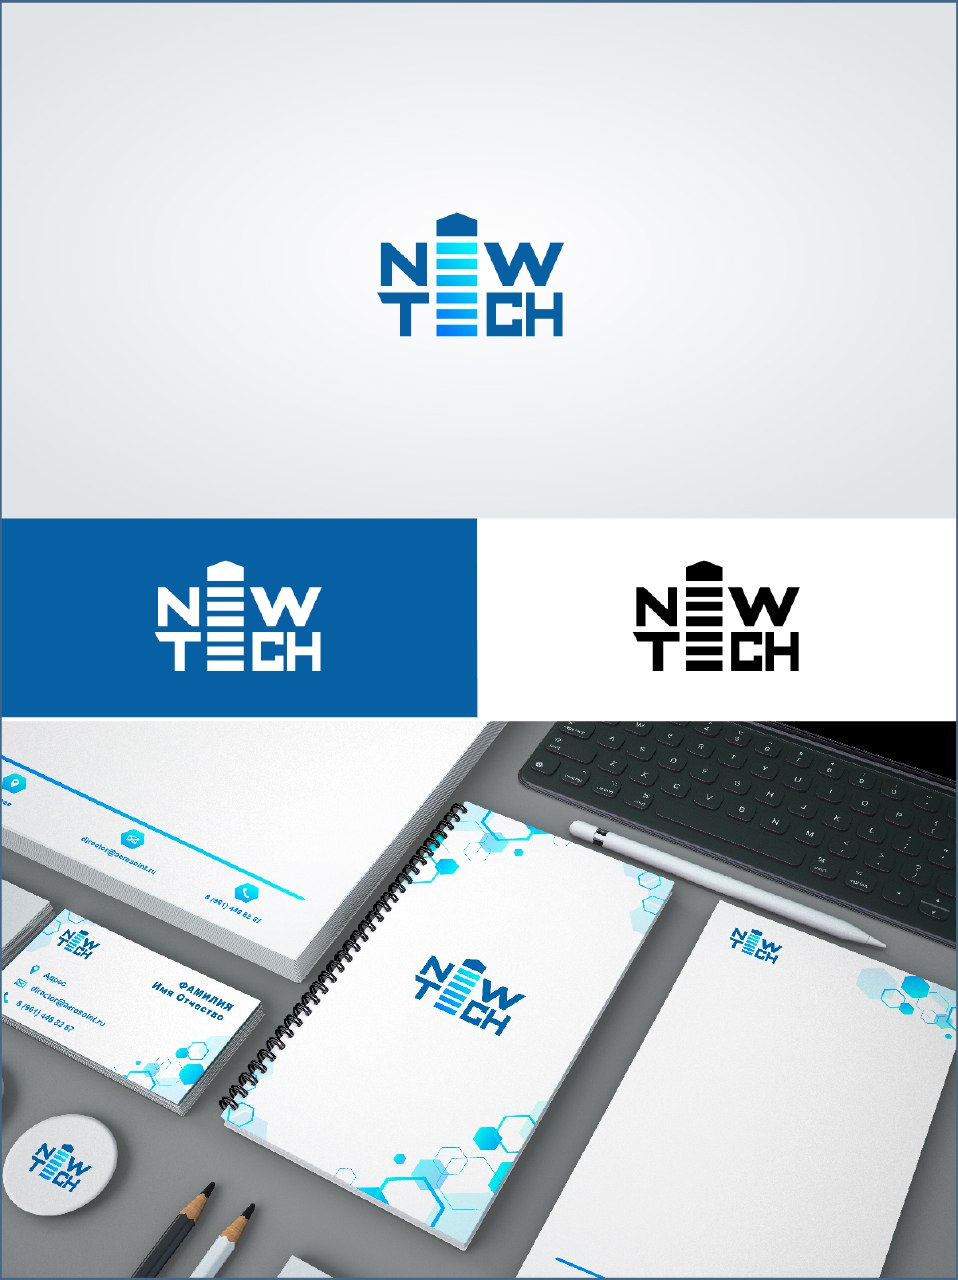 Разработка логотипа и фирменного стиля фото f_9245e86fe1f0f311.jpg